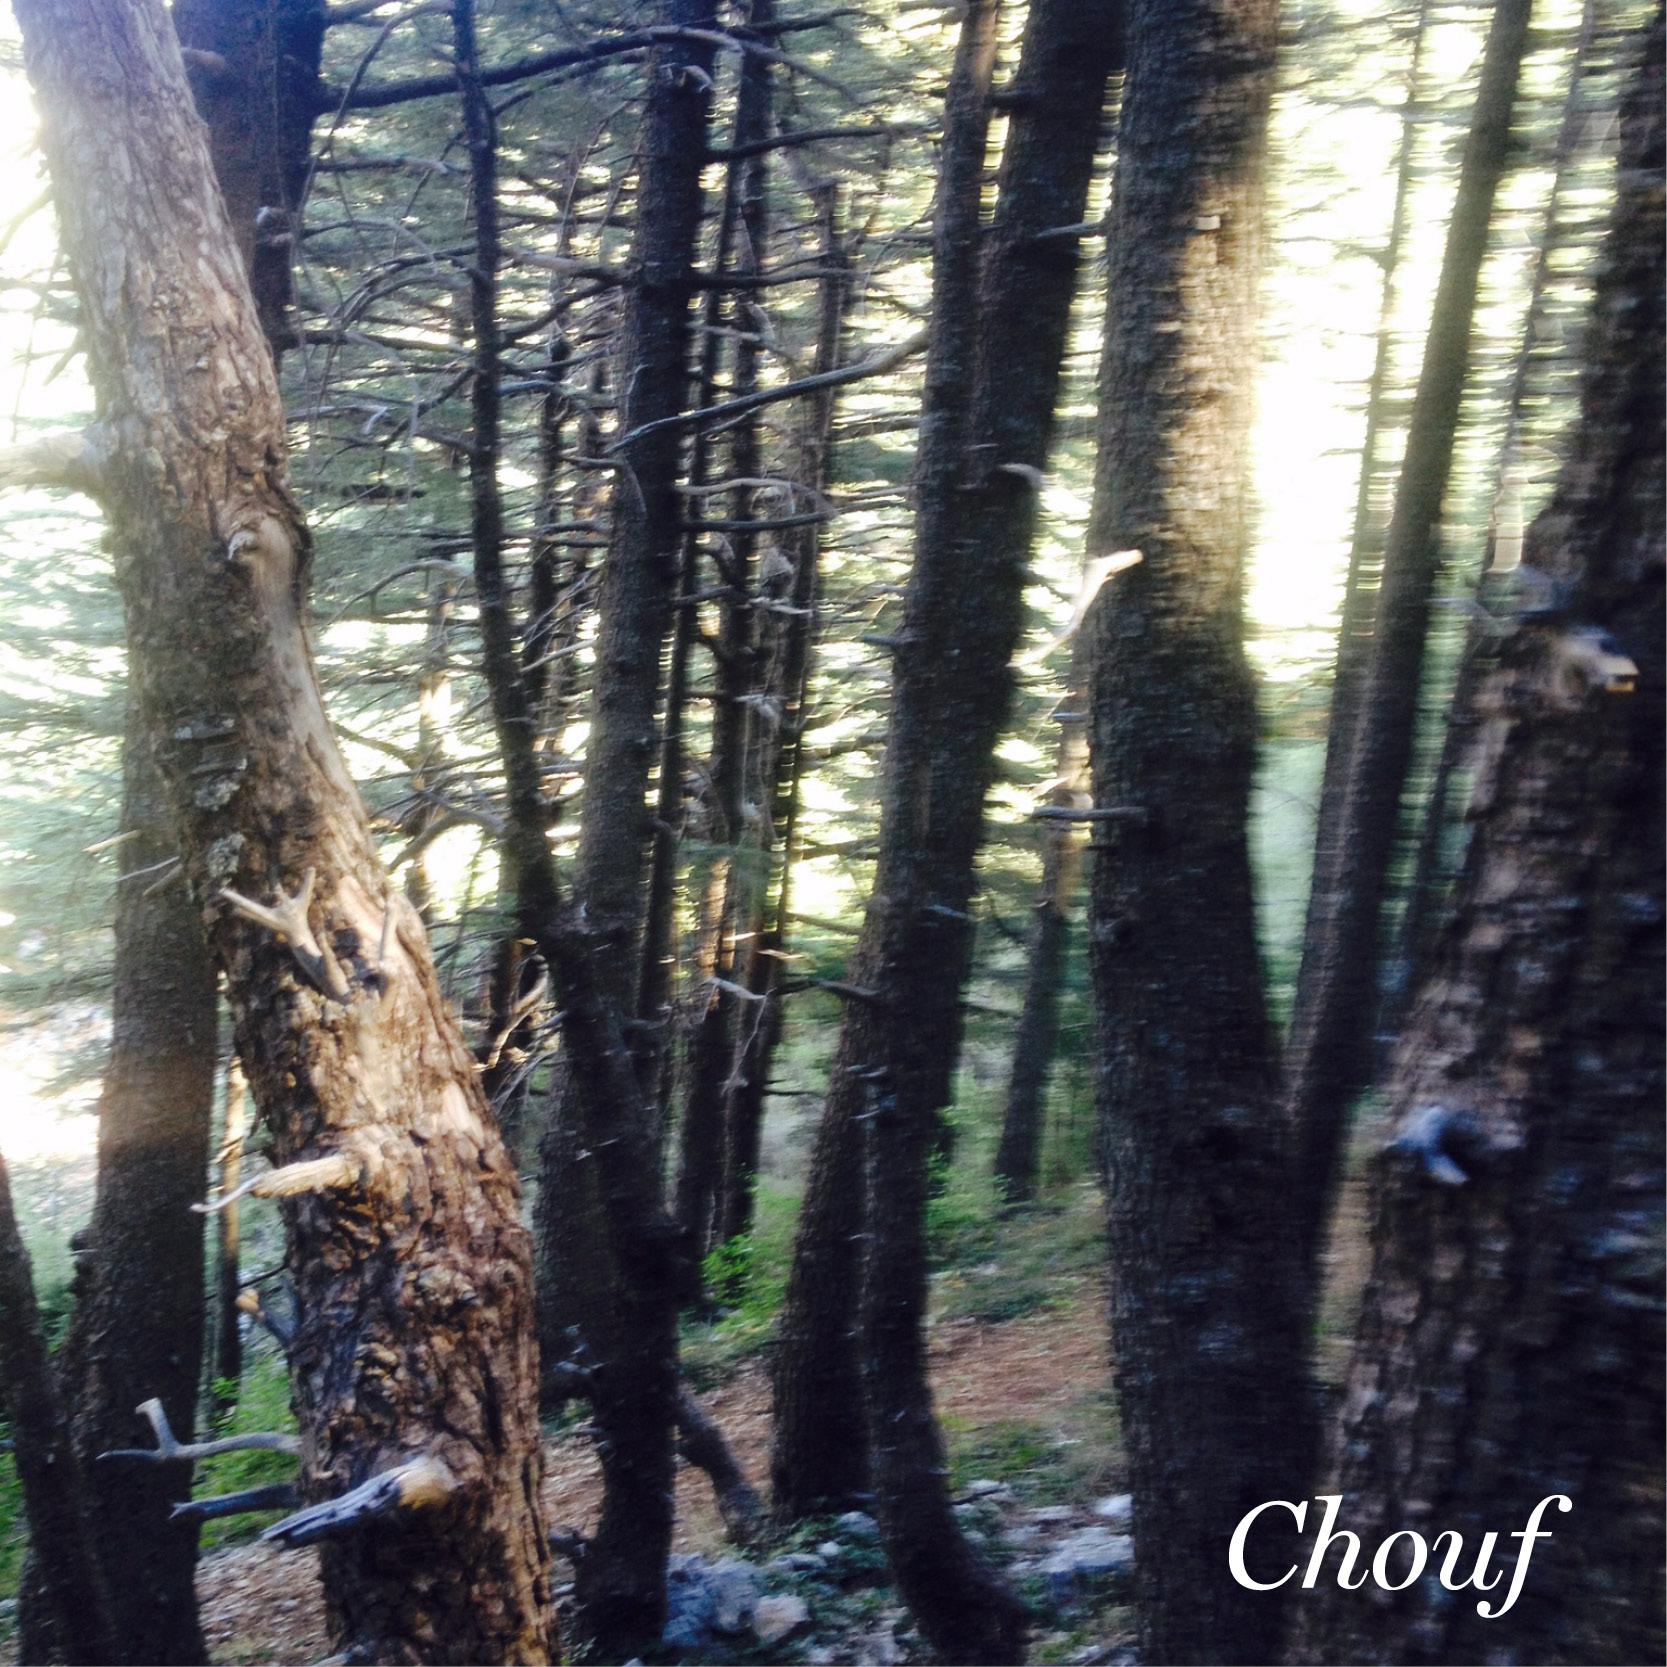 chouf lebanon